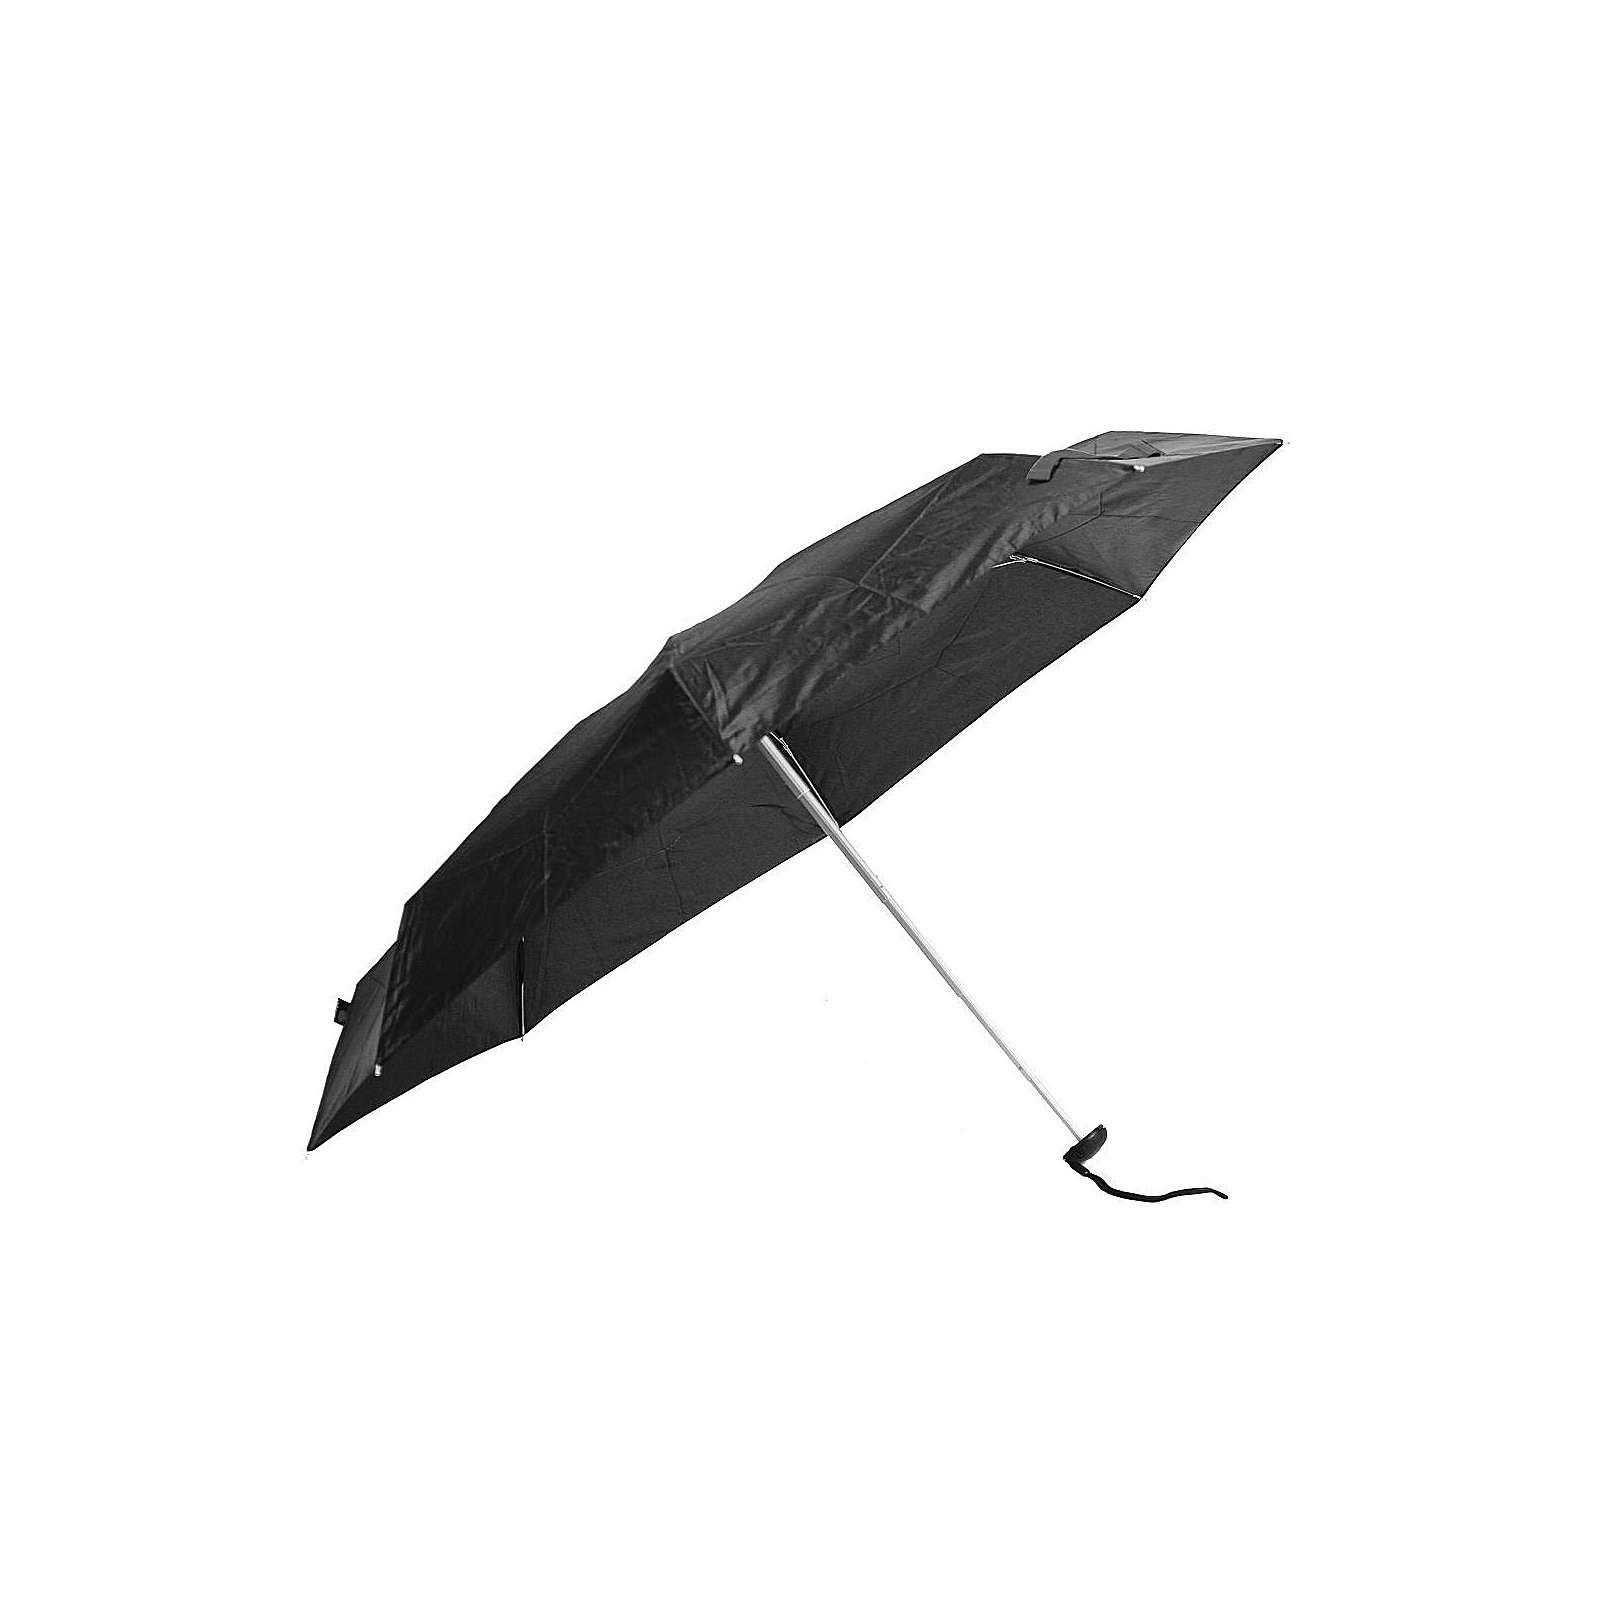 Knirps Taschenschirme X1 16,5 cm - solid black jetztbilligerkaufen